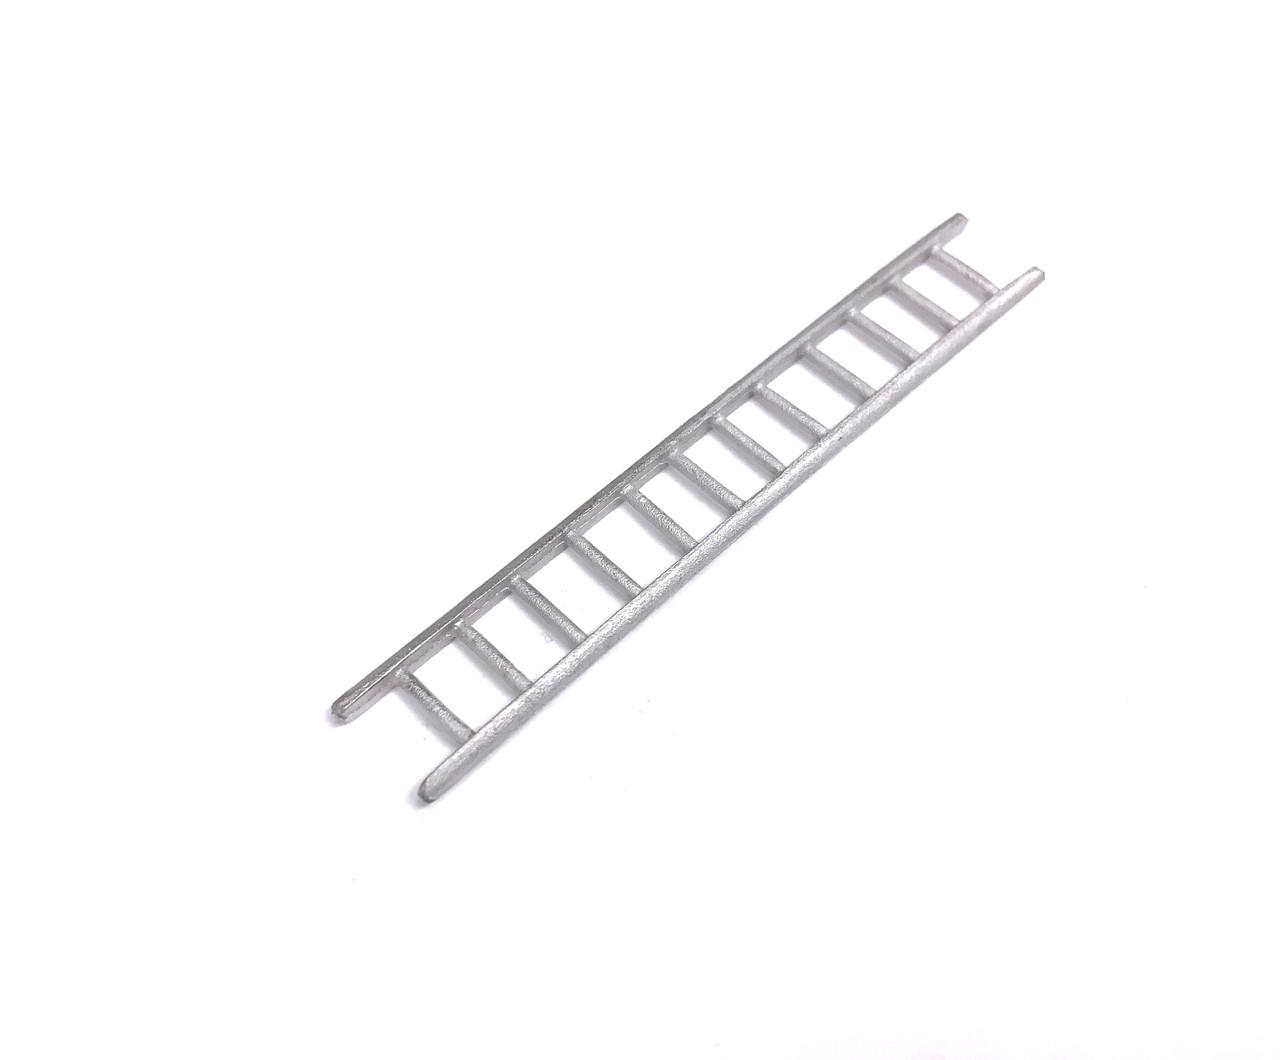 48-781 12 Rung Ladder FKA Keil Line O scale